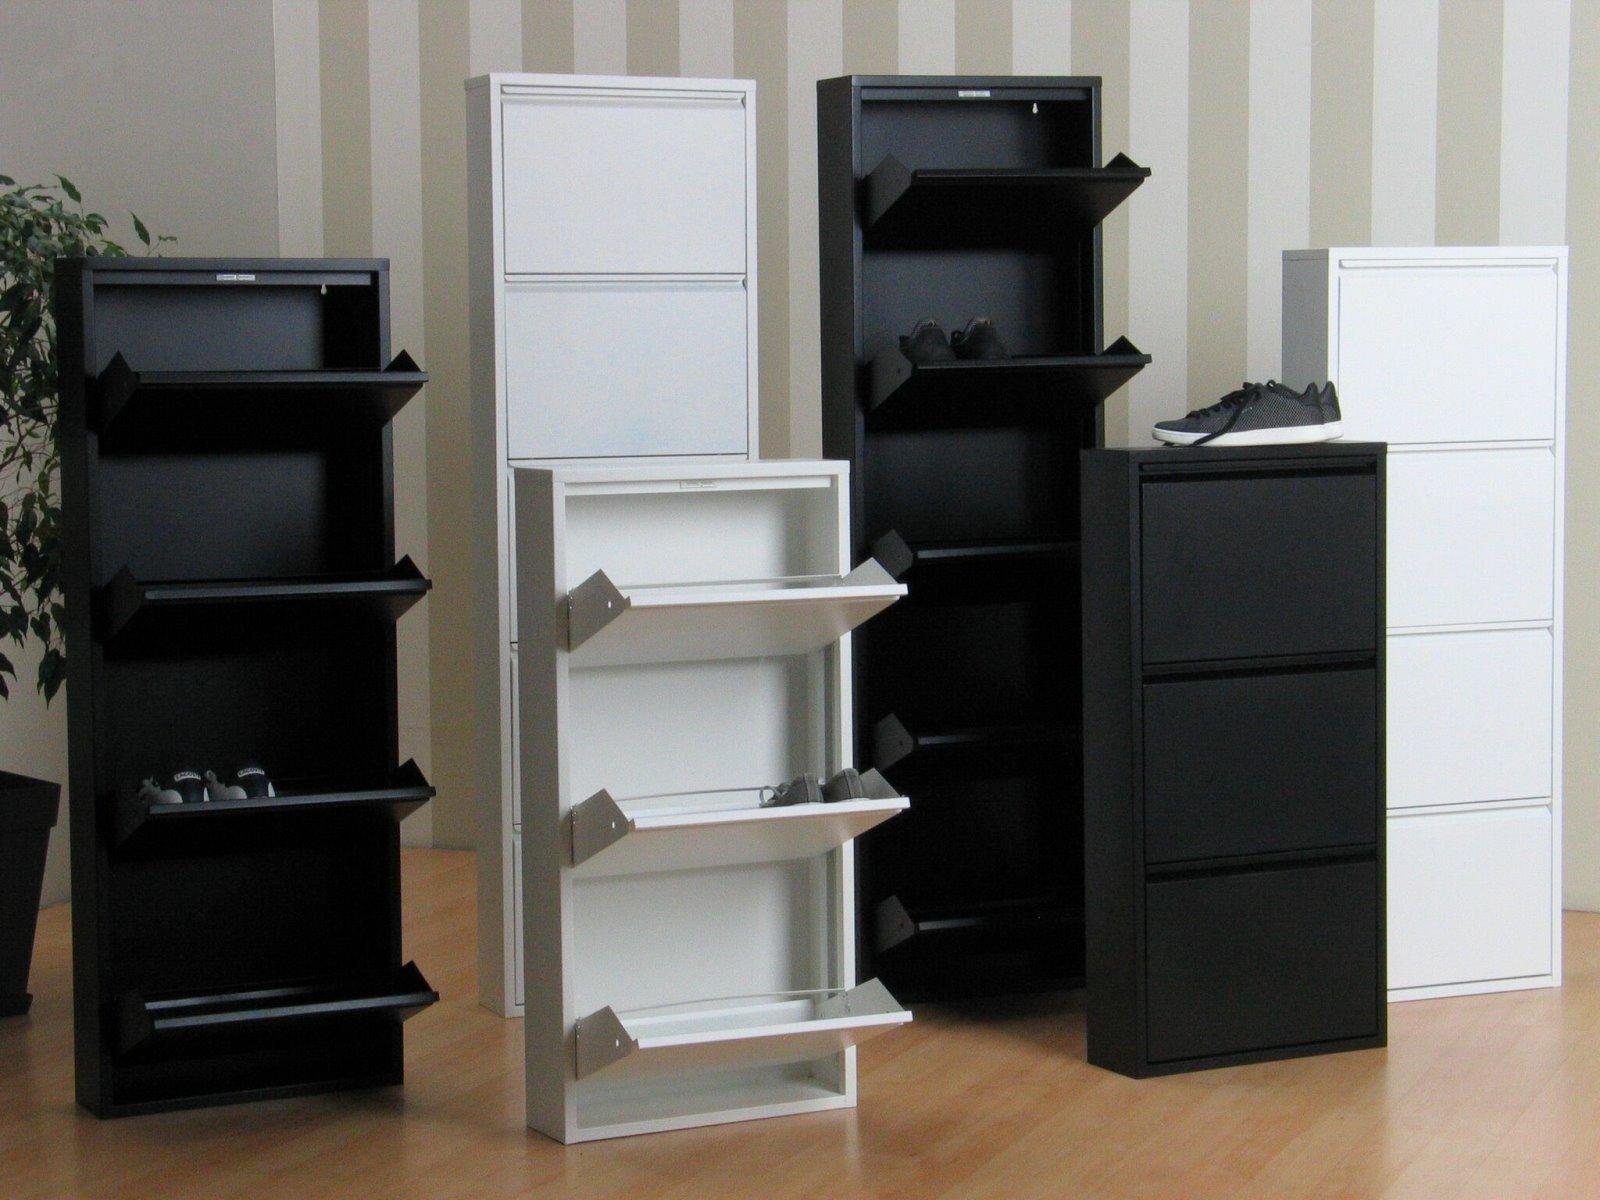 Xl mueble para calzado pisa 6 doblez metal armario de for Mueble zapatero ebay